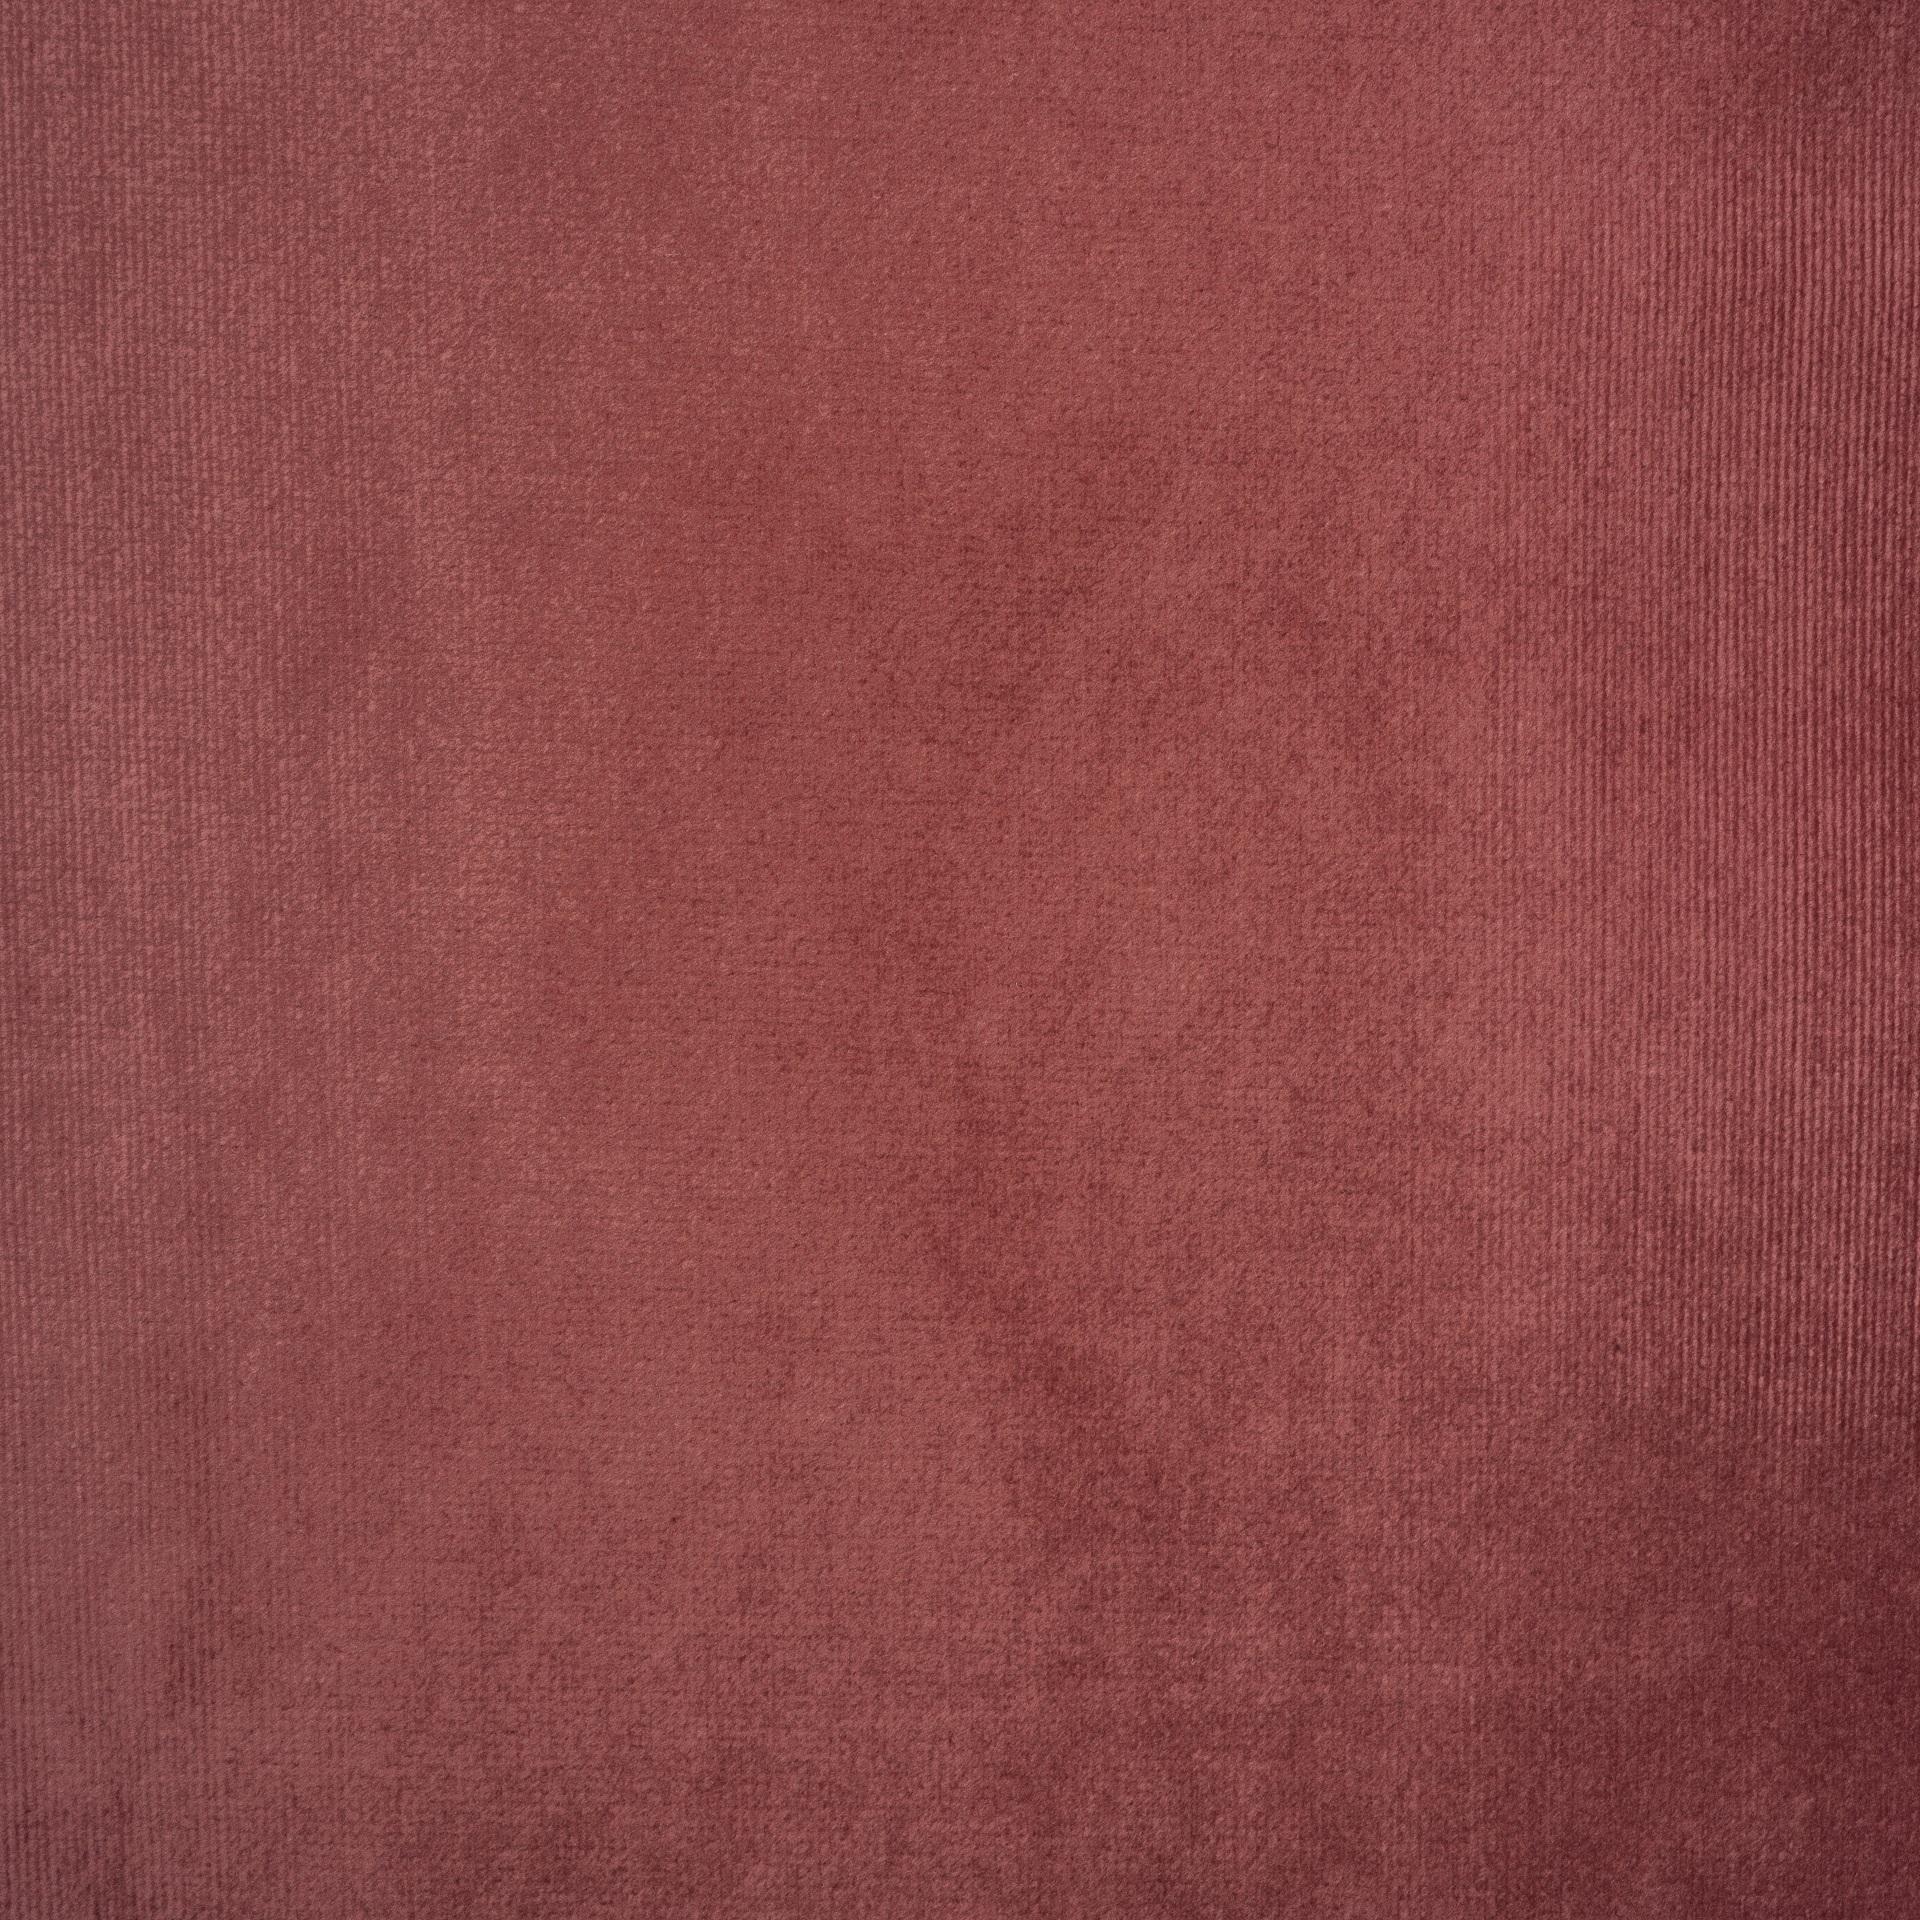 Коллекция ткани Багира 40 CANYON ROSE,  купить ткань Велюр для мебели Украина